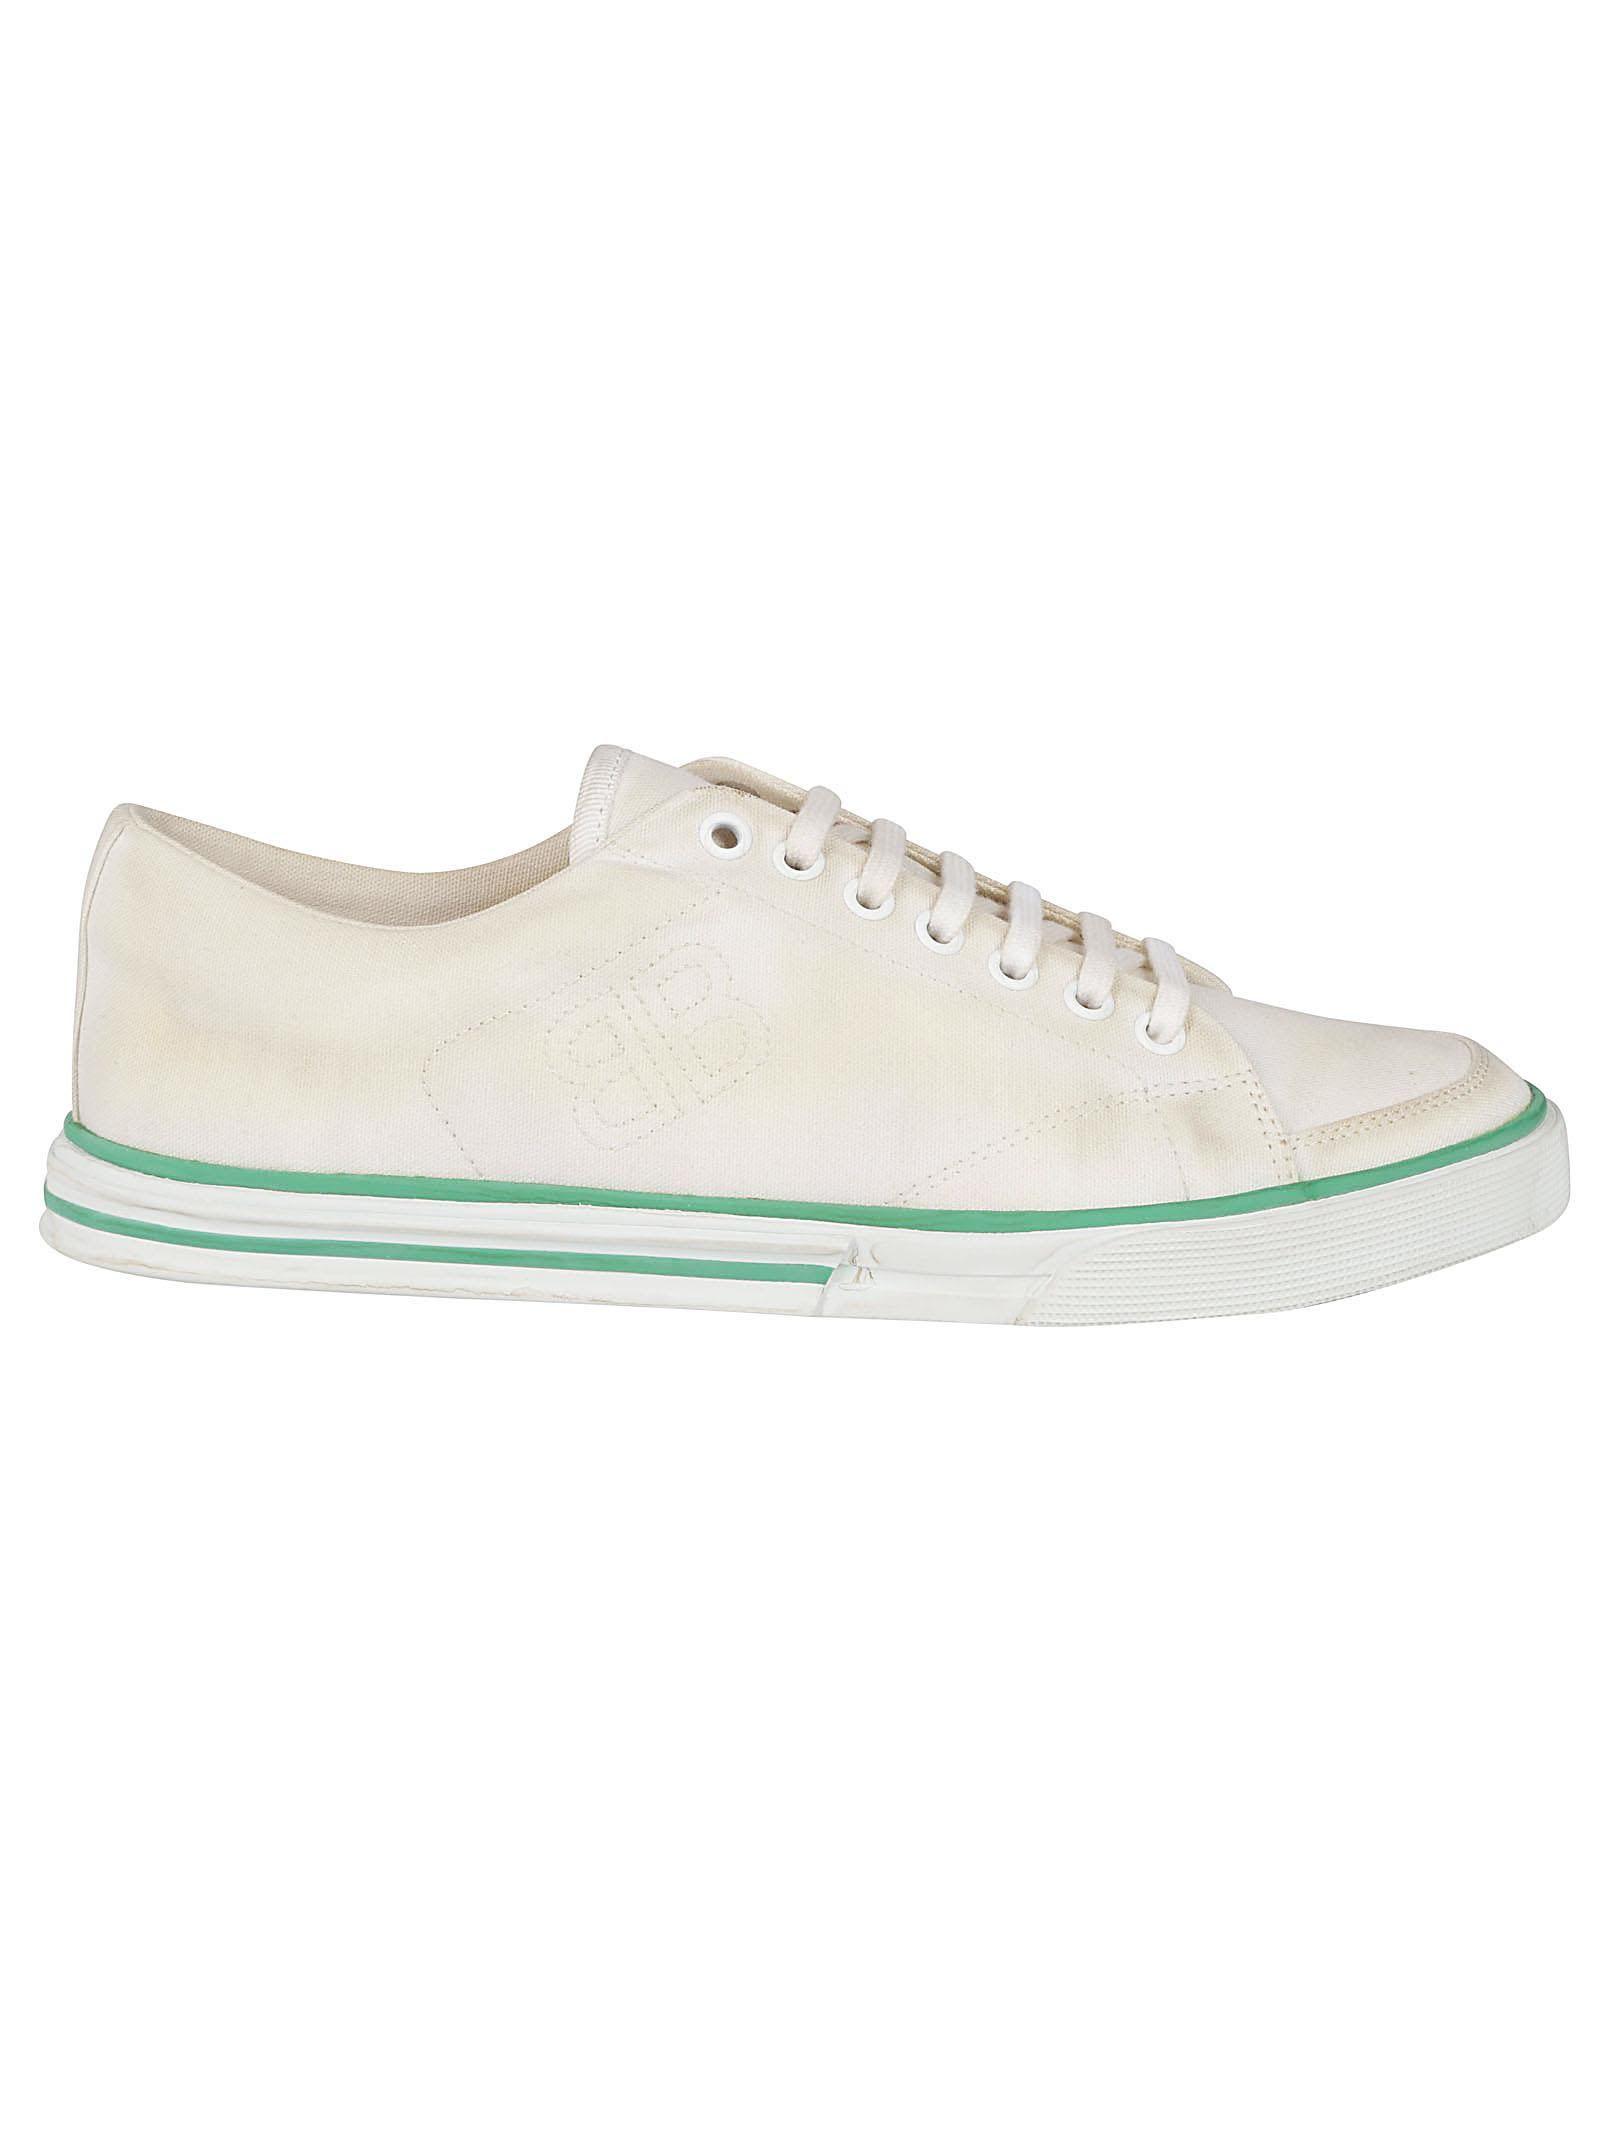 ebc20a31add BALENCIAGA MATCH LOW LOGO SOLE SNEAKERS.  balenciaga  shoes   Balenciaga  Mens